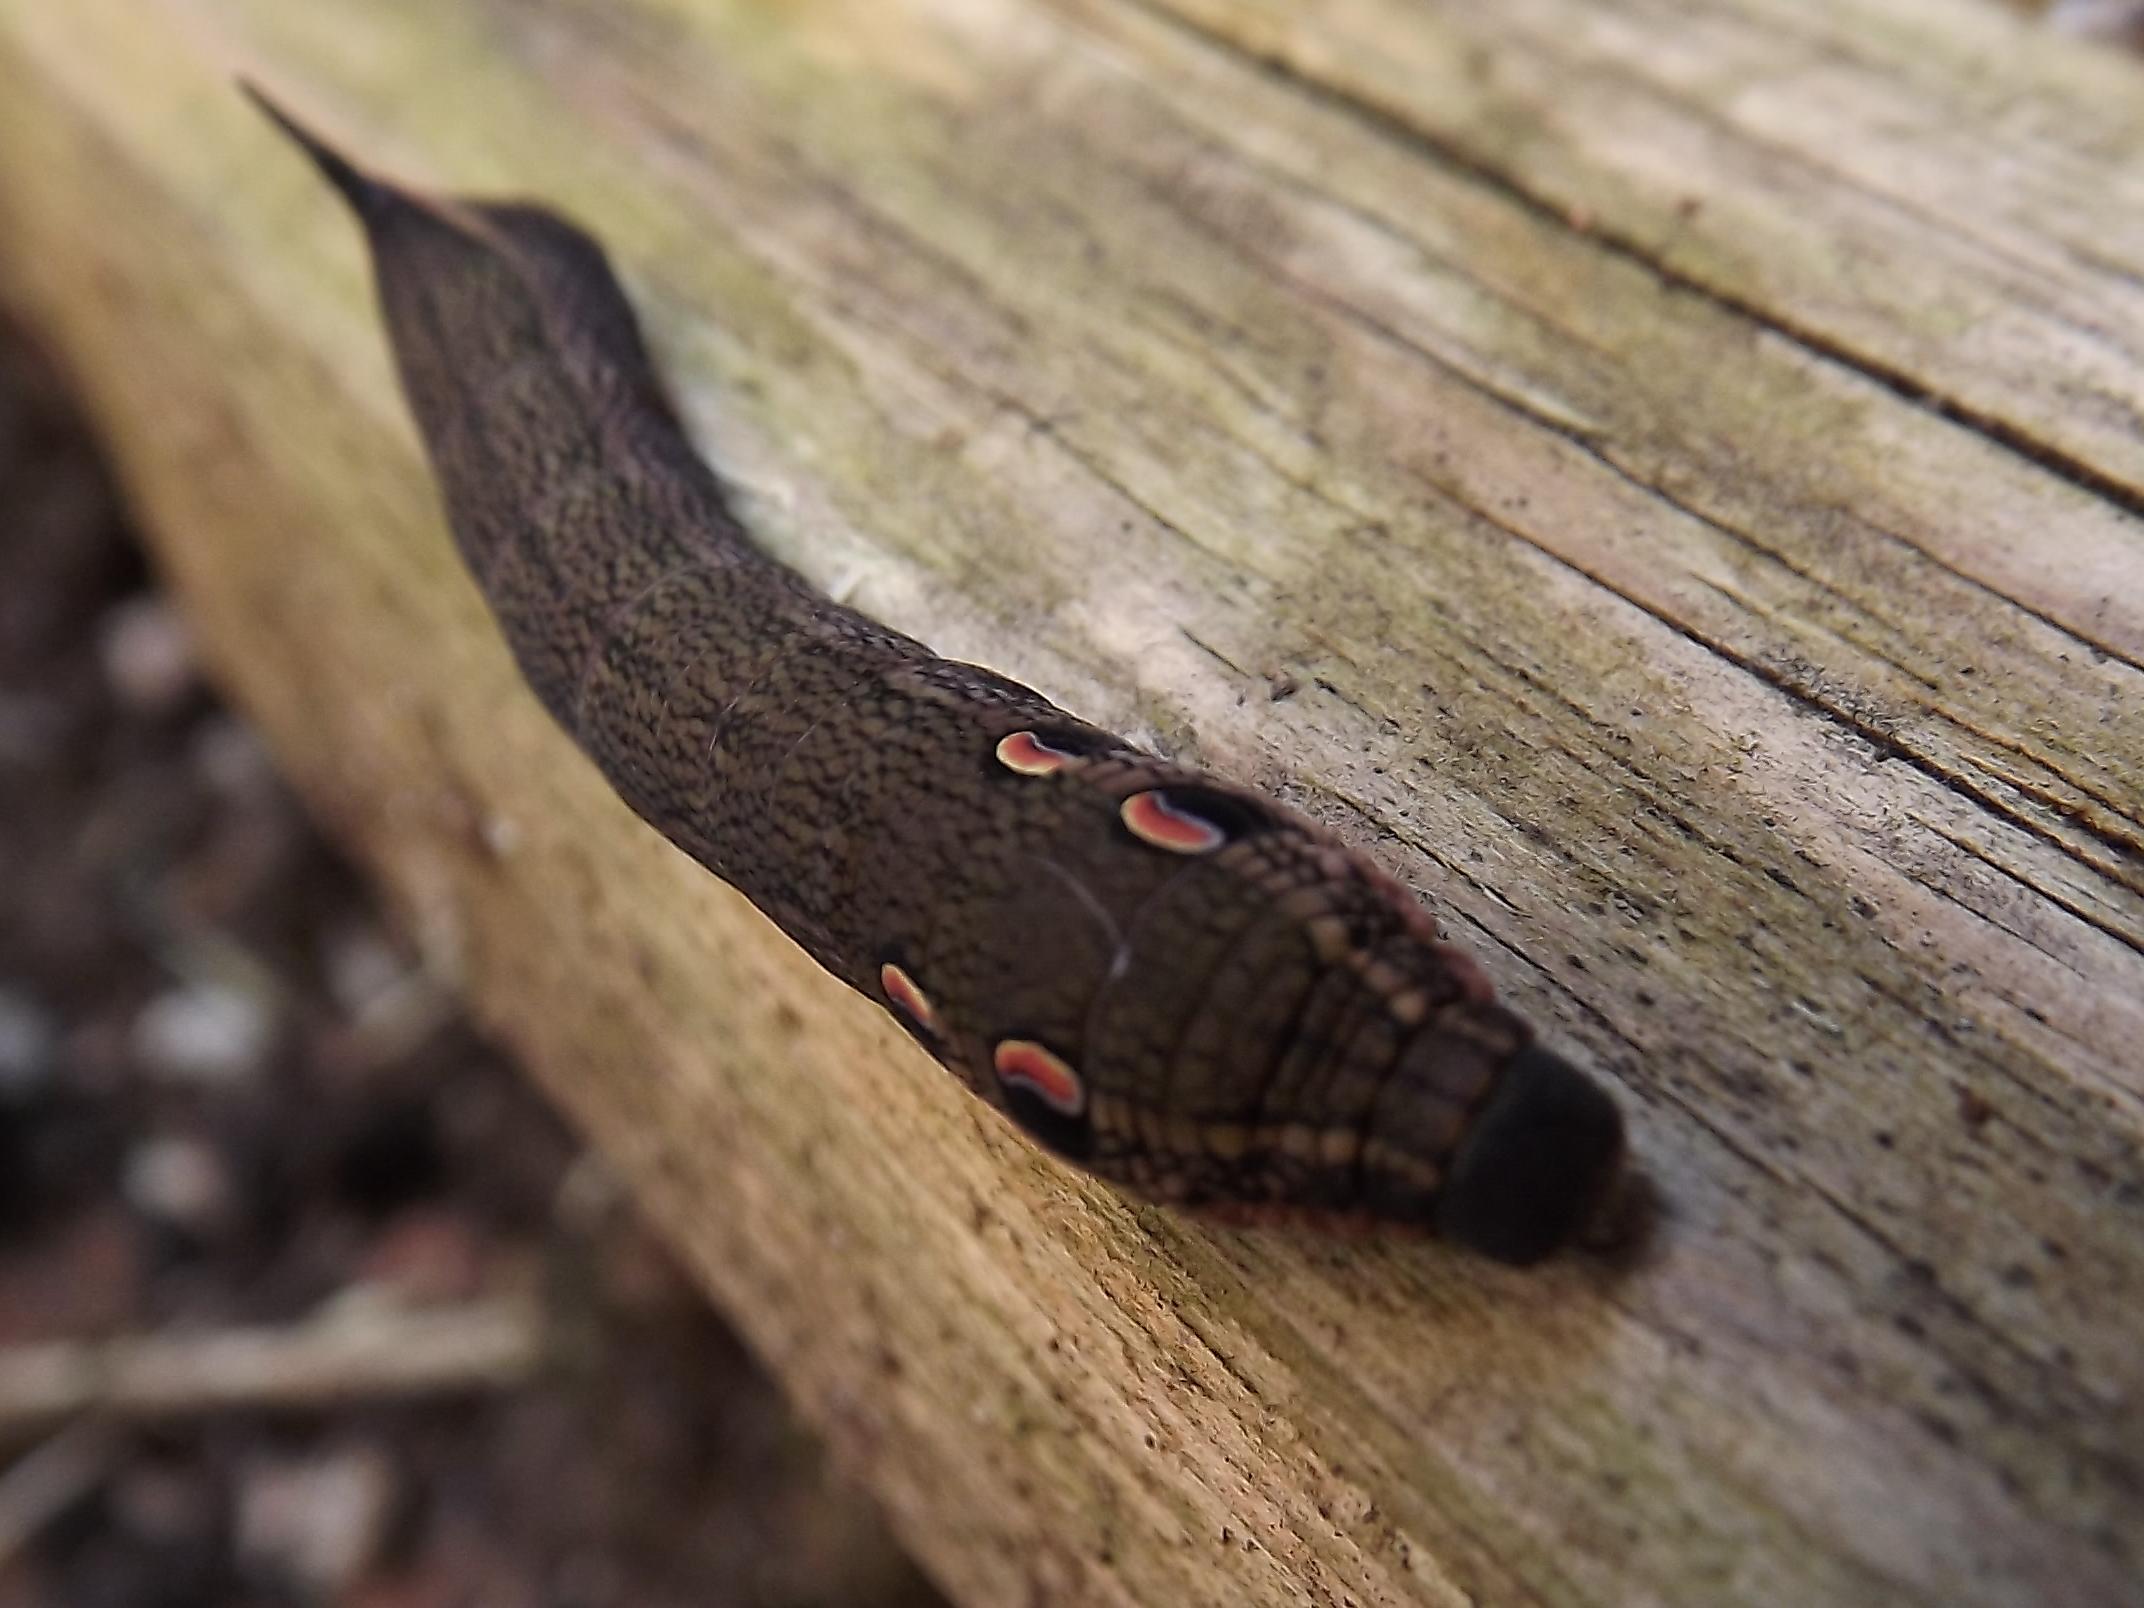 large caterpillar